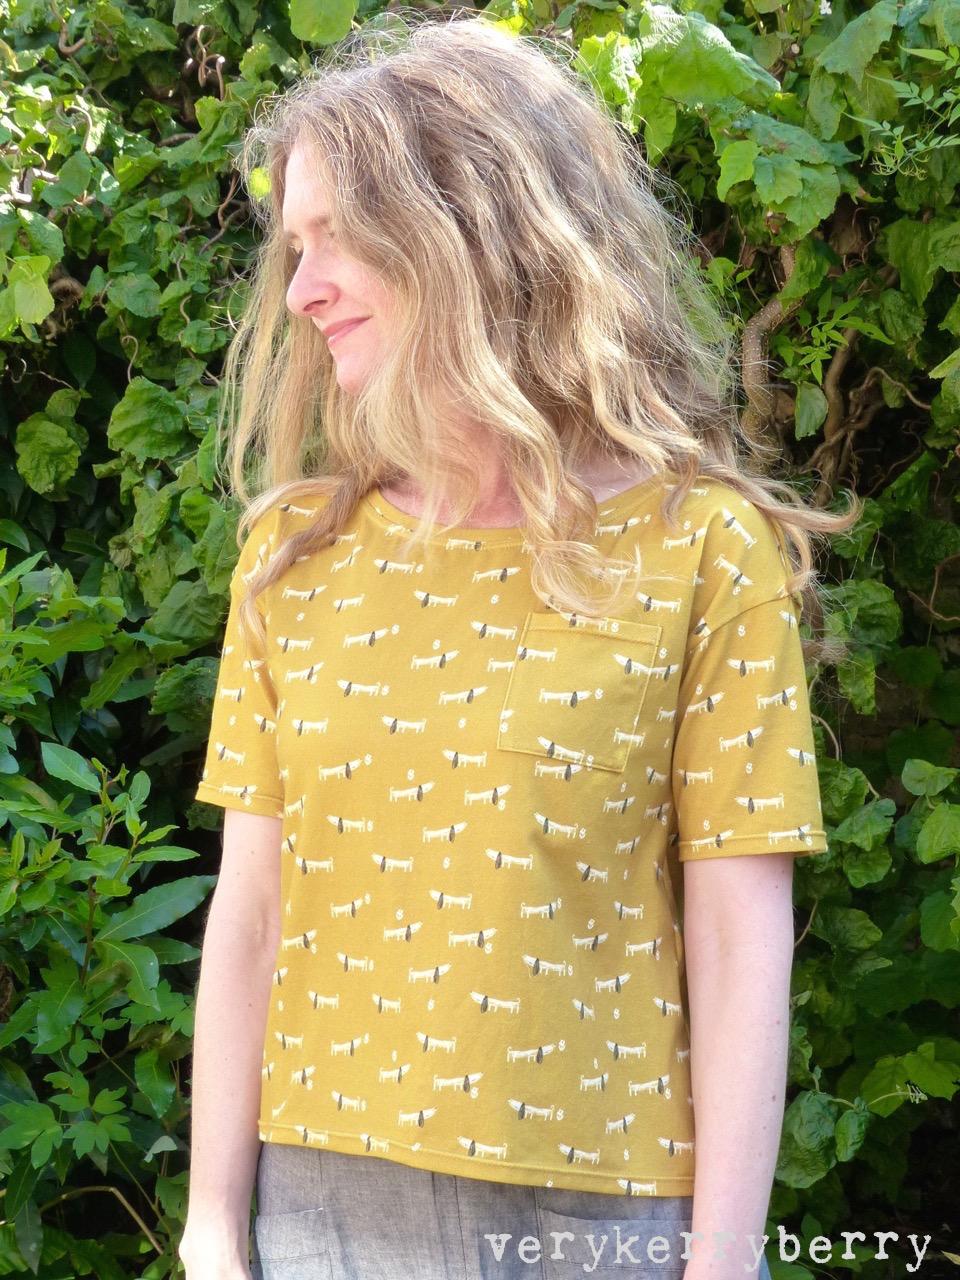 afb1cb21c2d Fancy Tiger Wanderlust T shirt with Dachshund Dog Print ...